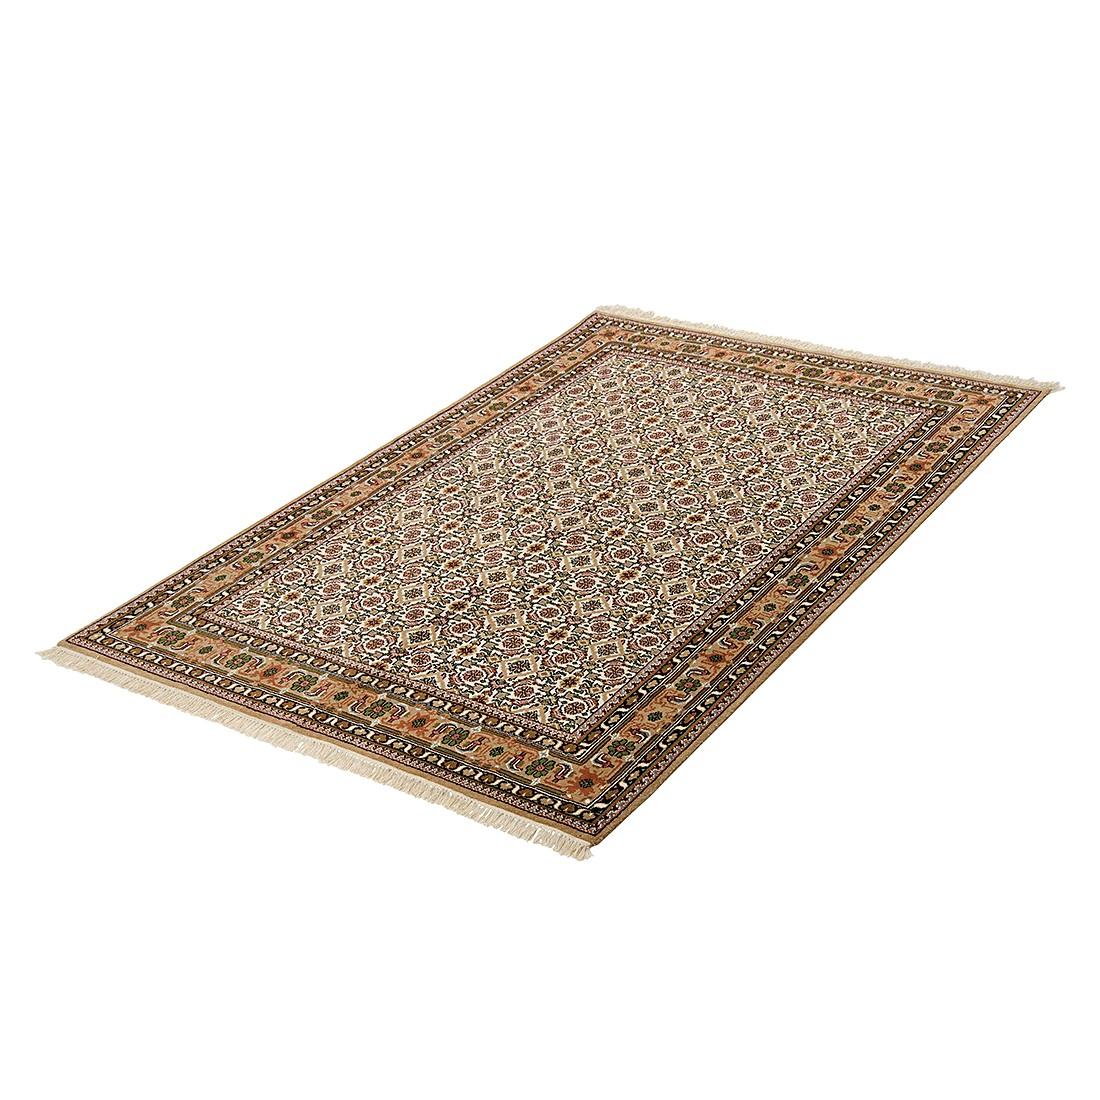 Teppich Matura Bidjar – Beige – 60 x 90 cm, Parwis günstig kaufen